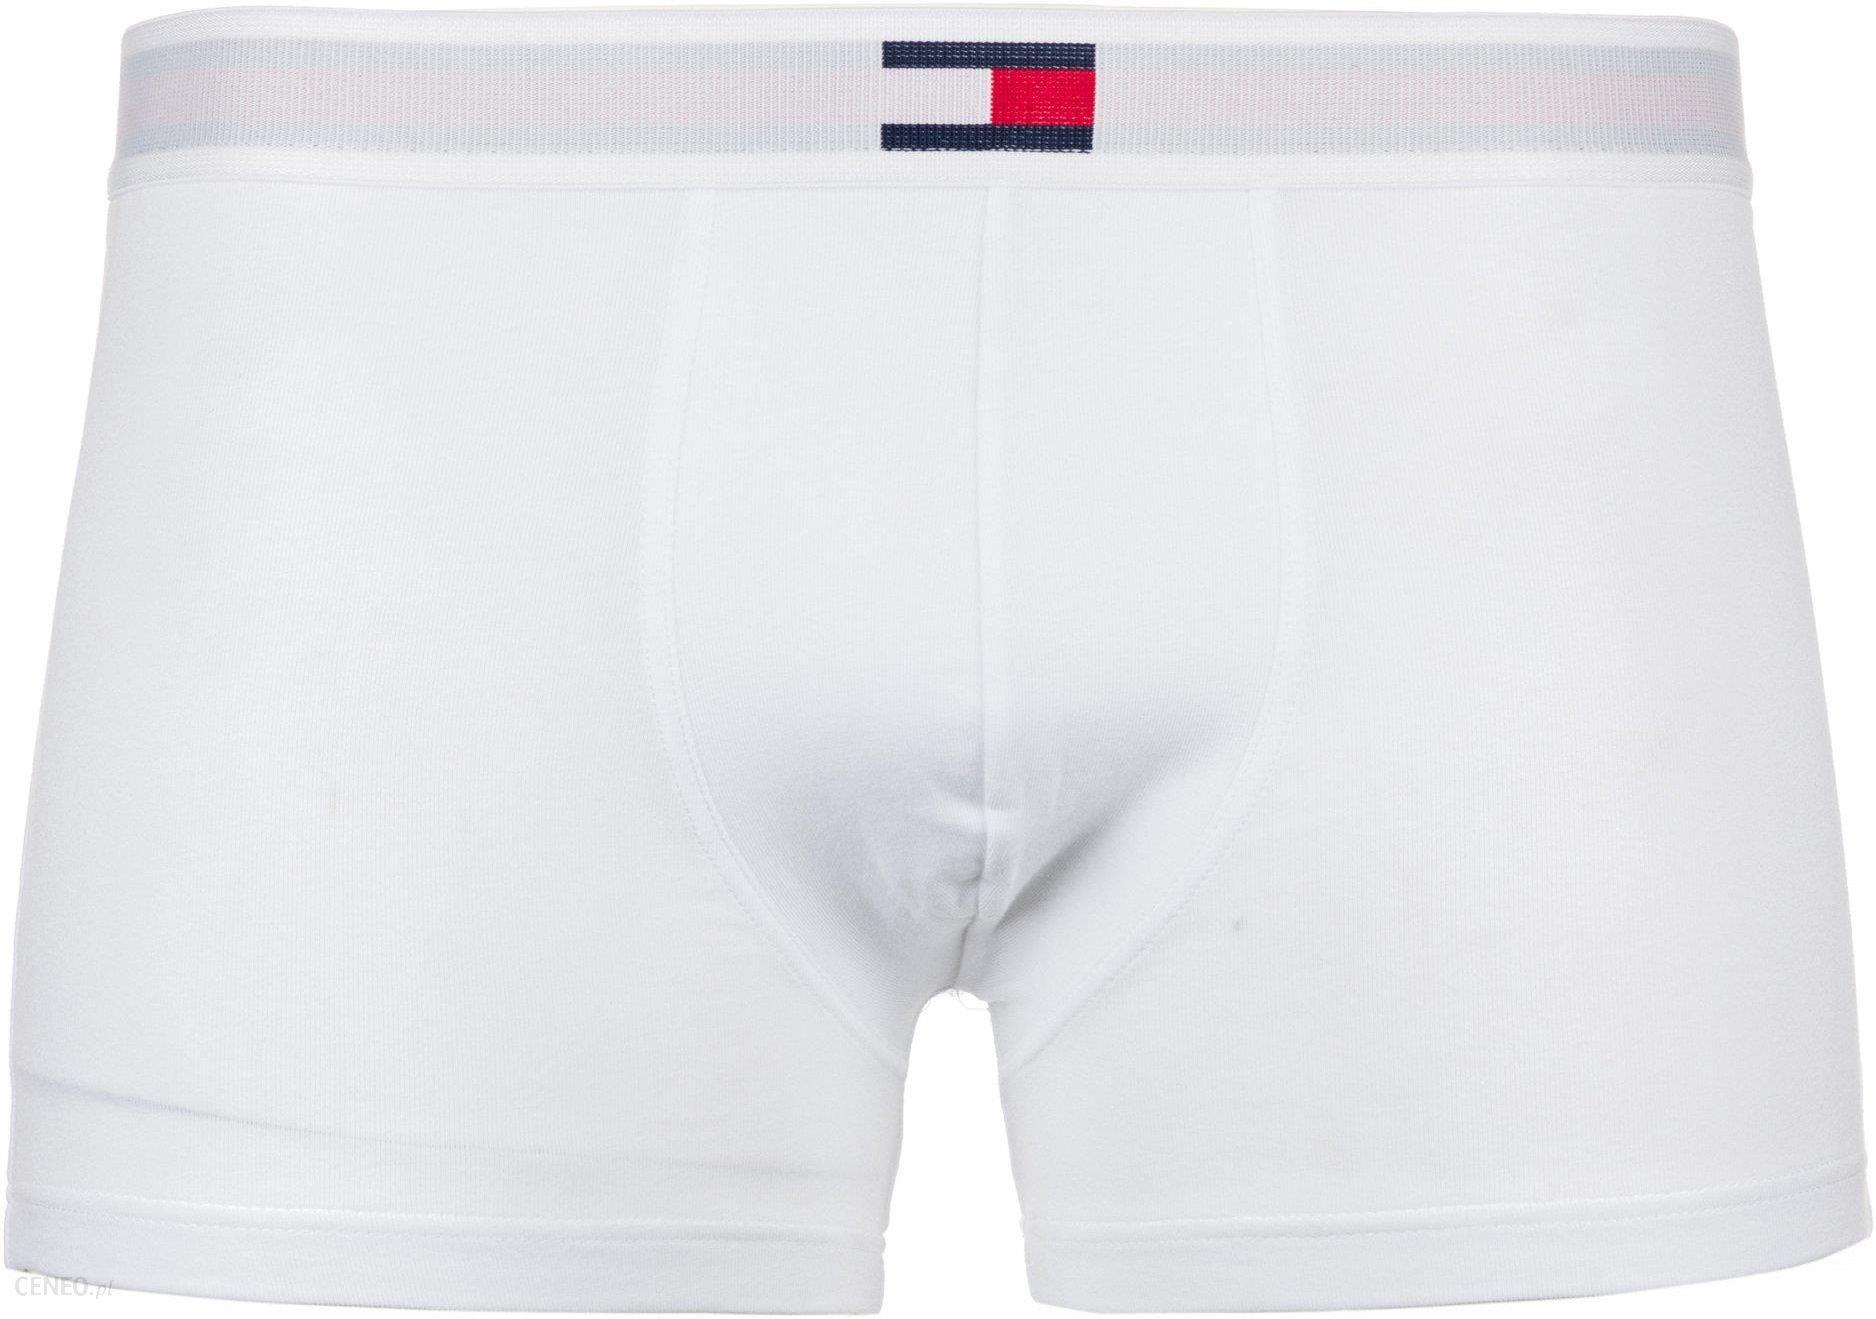 9936fbd07ed3b9 Tommy Hilfiger bokserki męskie L biały - Ceny i opinie - Ceneo.pl